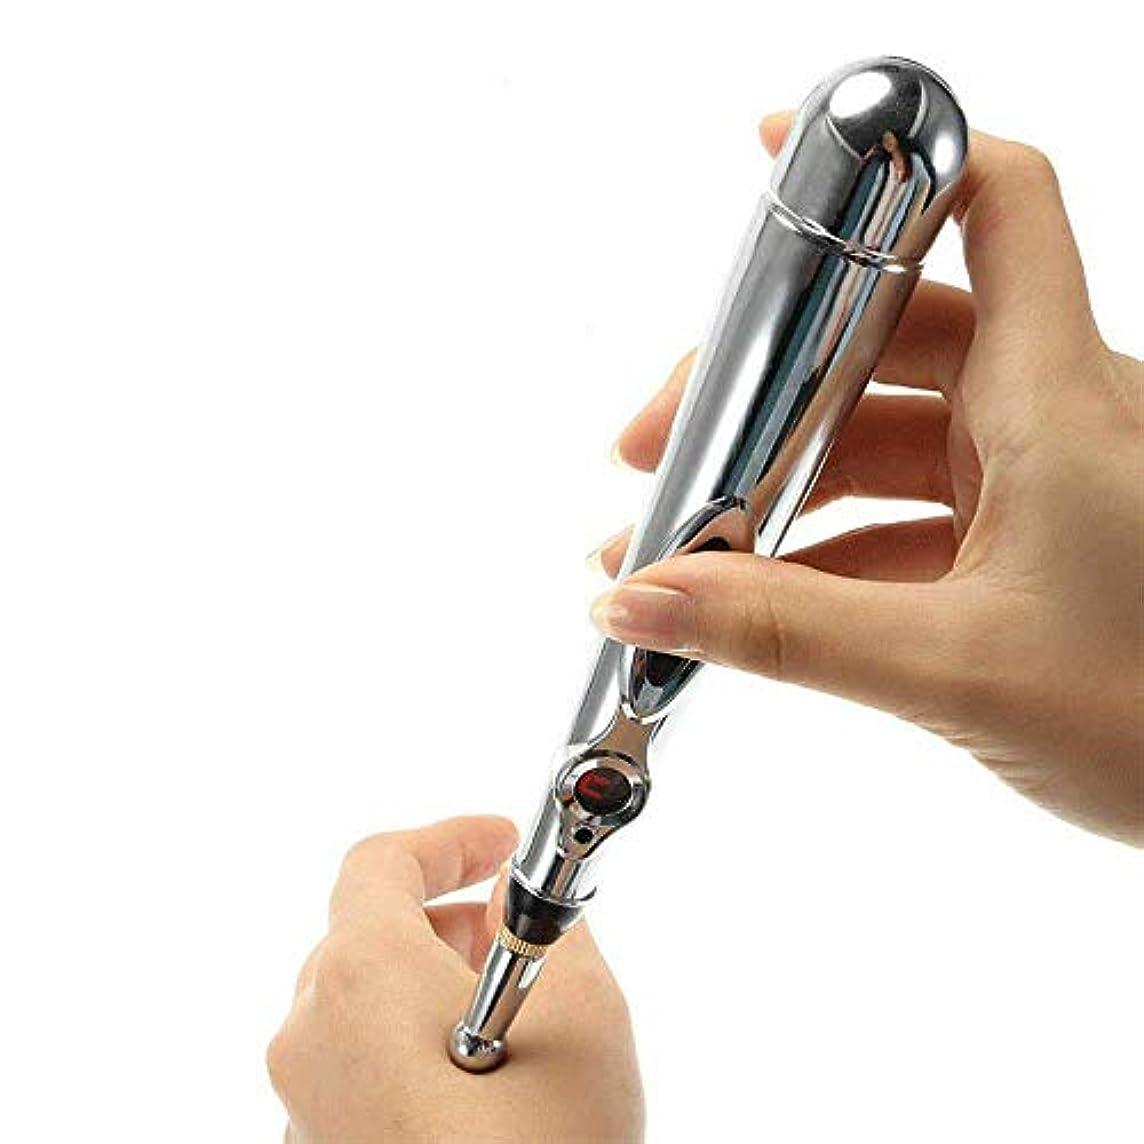 ダニ女王森LT 鍼治療用ペン、3種類のマッサージヘッドを備えた電子針、正確な経絡ポイントケアボディパルスマッサージデバイス、強力な経絡エネルギーペンレリーフの痛み